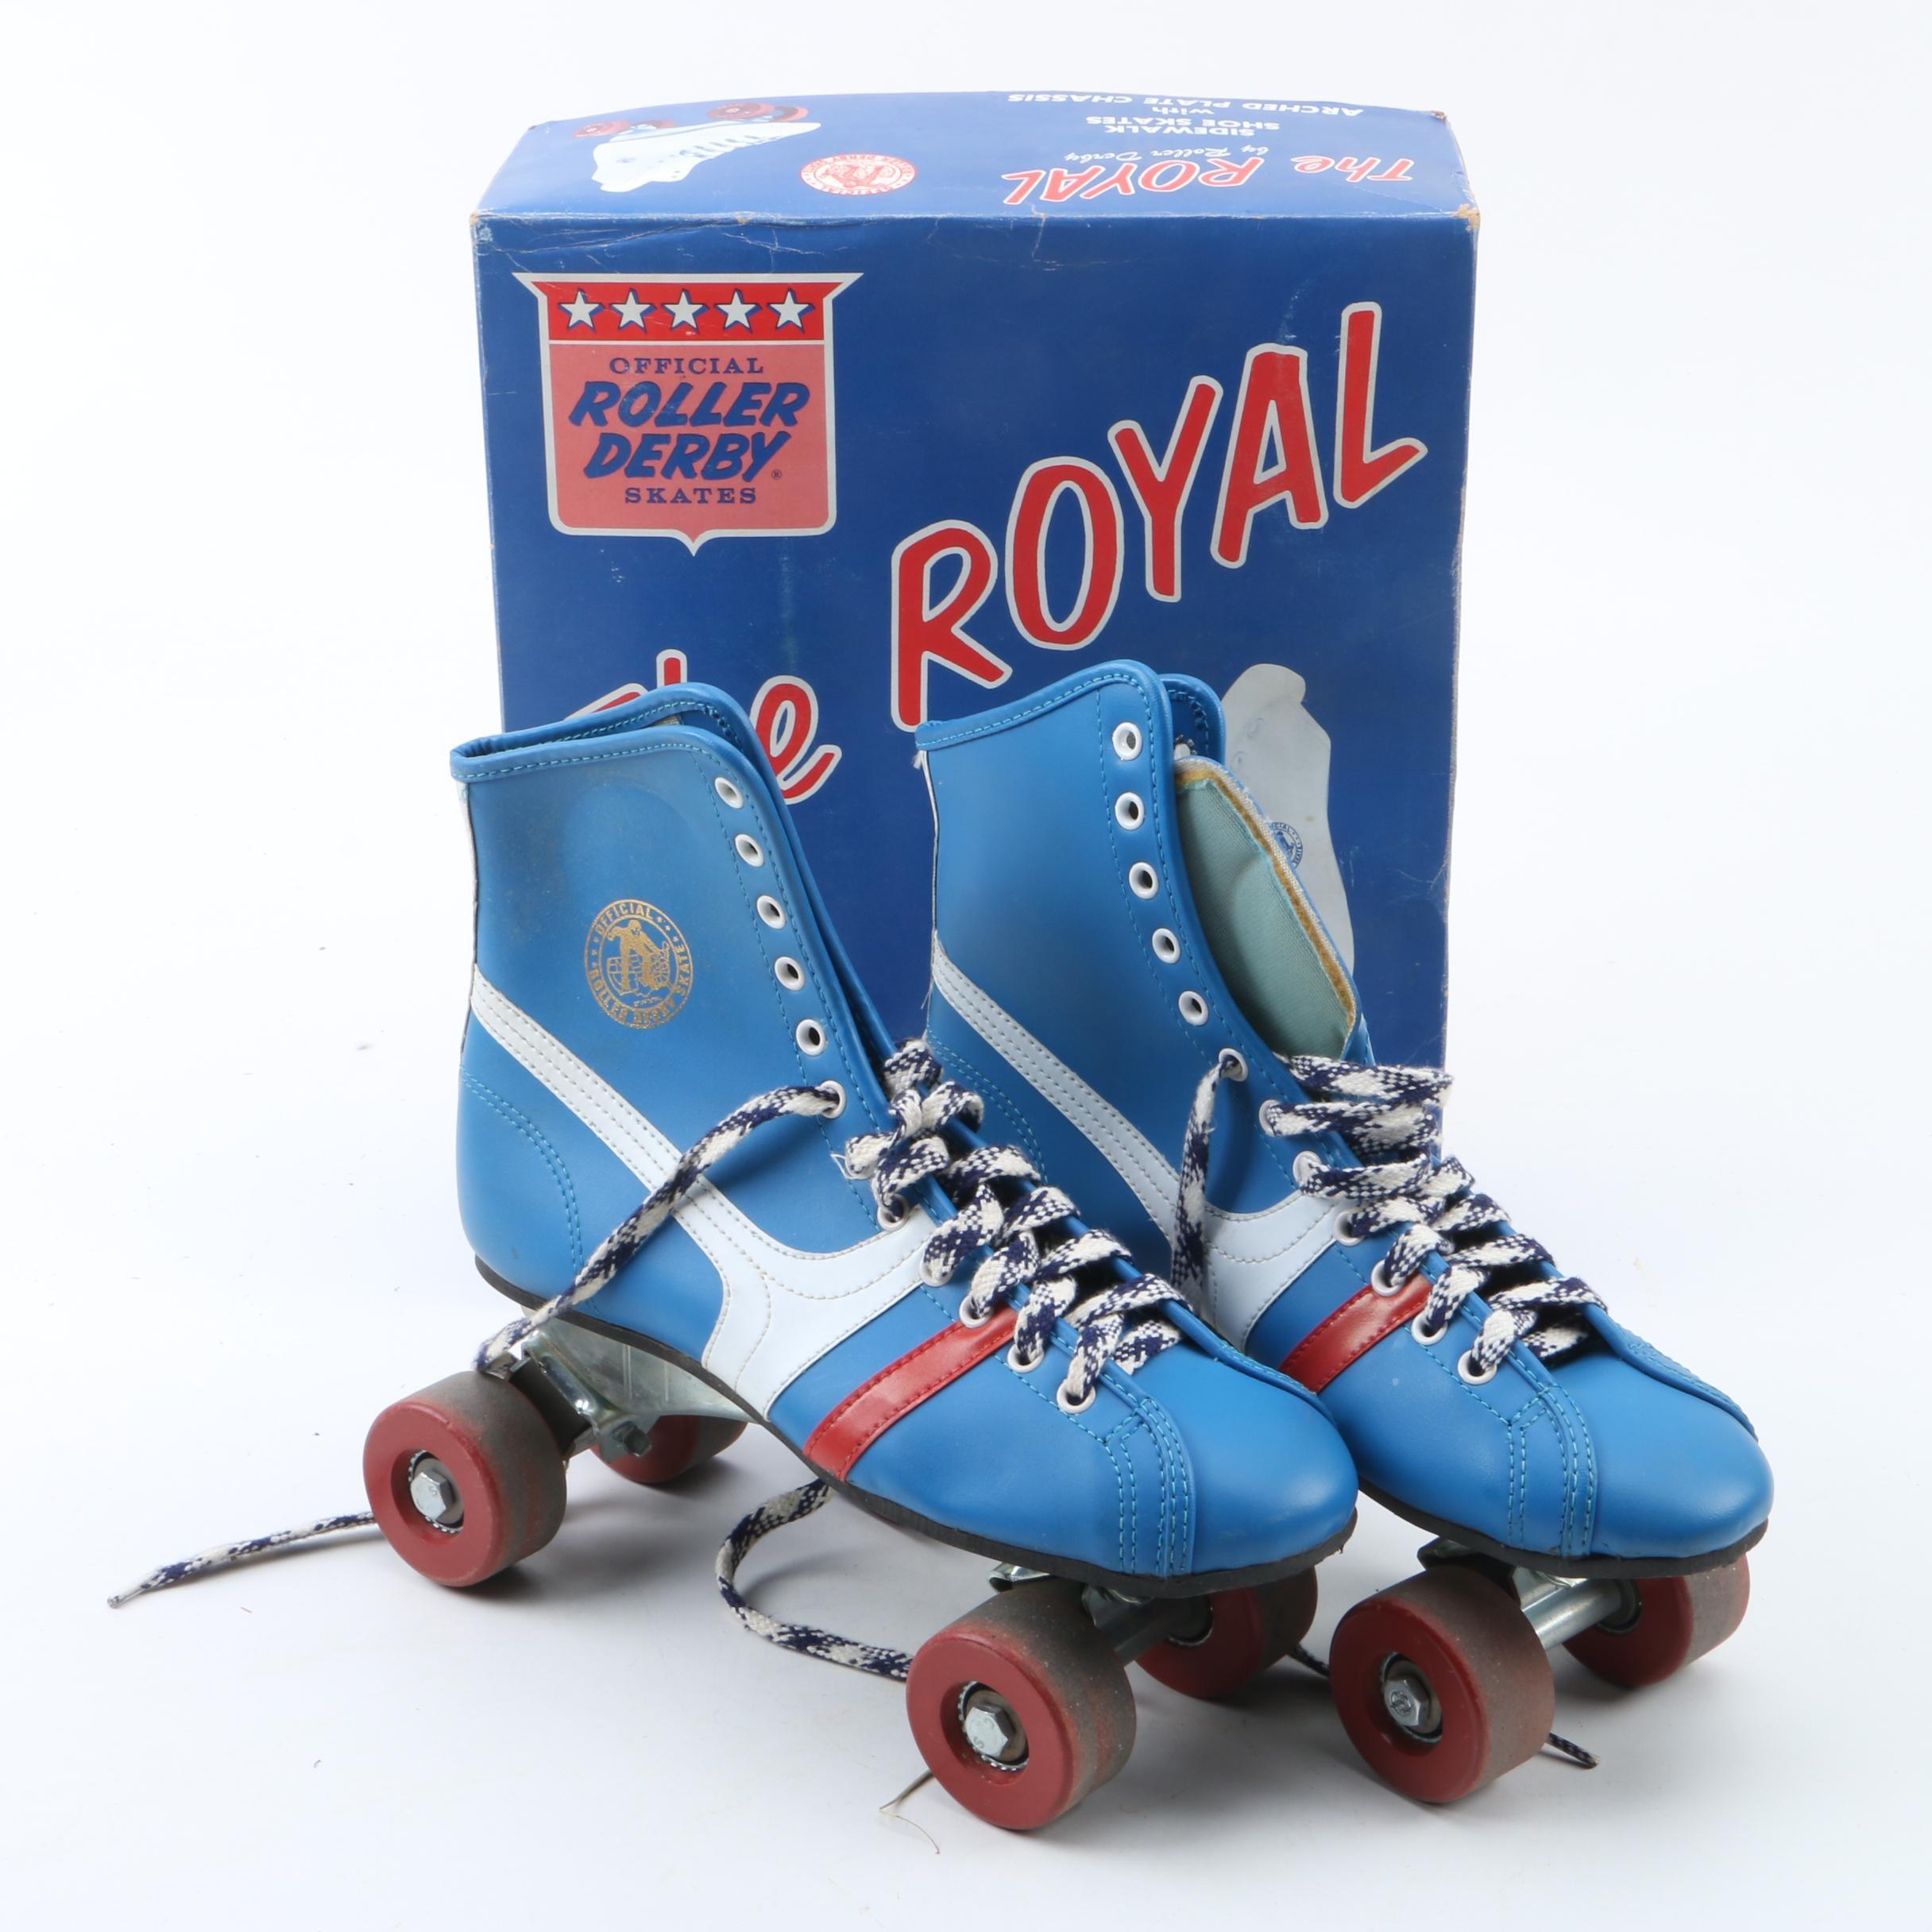 Vintage 1970's The Royal Official Roller Derby Roller Skates